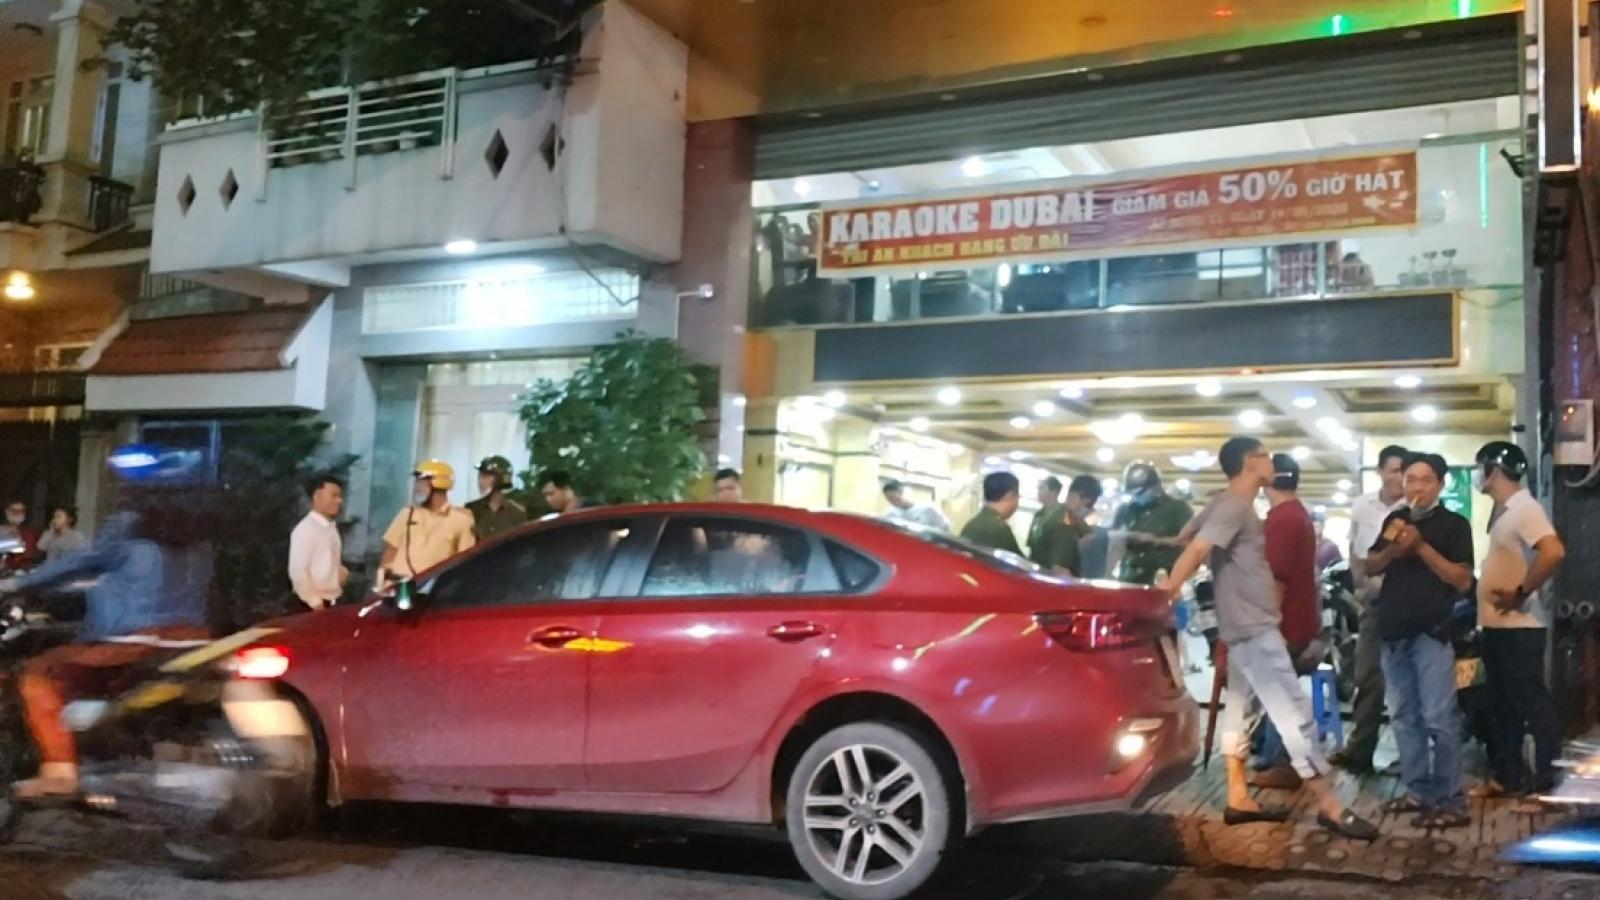 Xử lý nhóm đánh nhau tại quán karaoke ở TPHCM